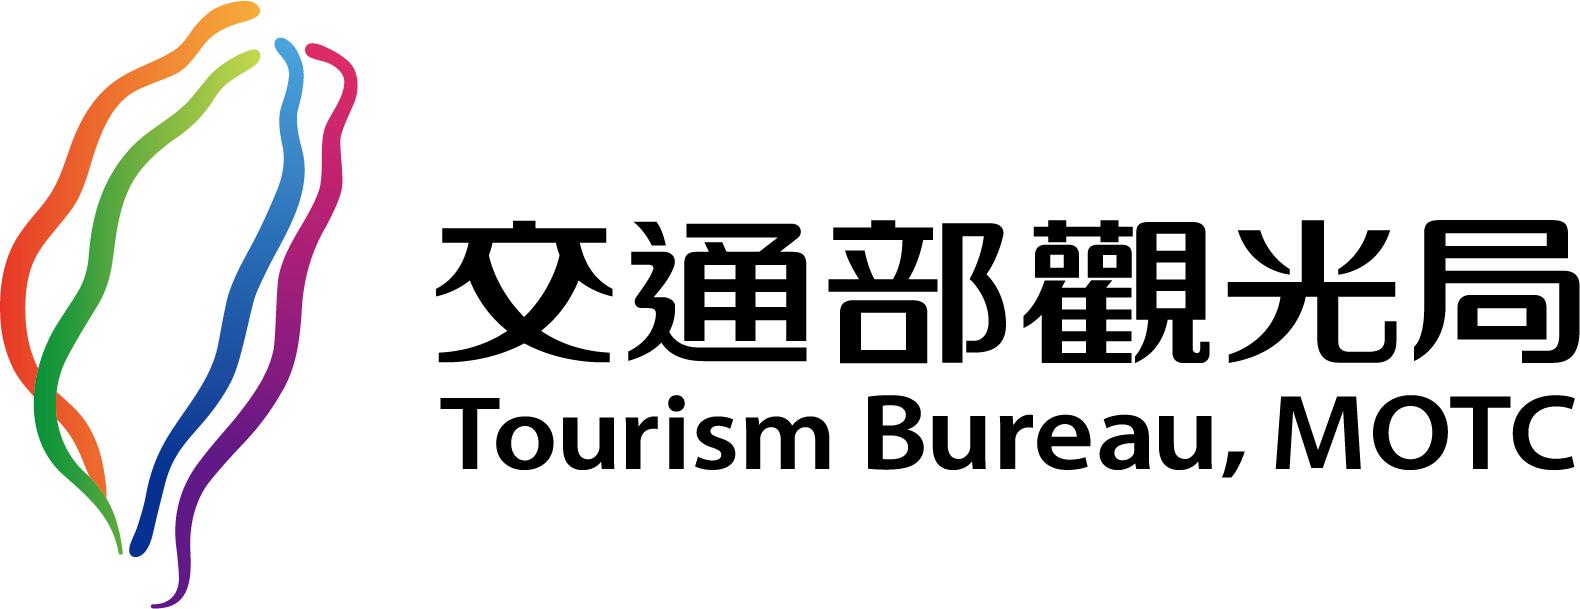 觀光局logo